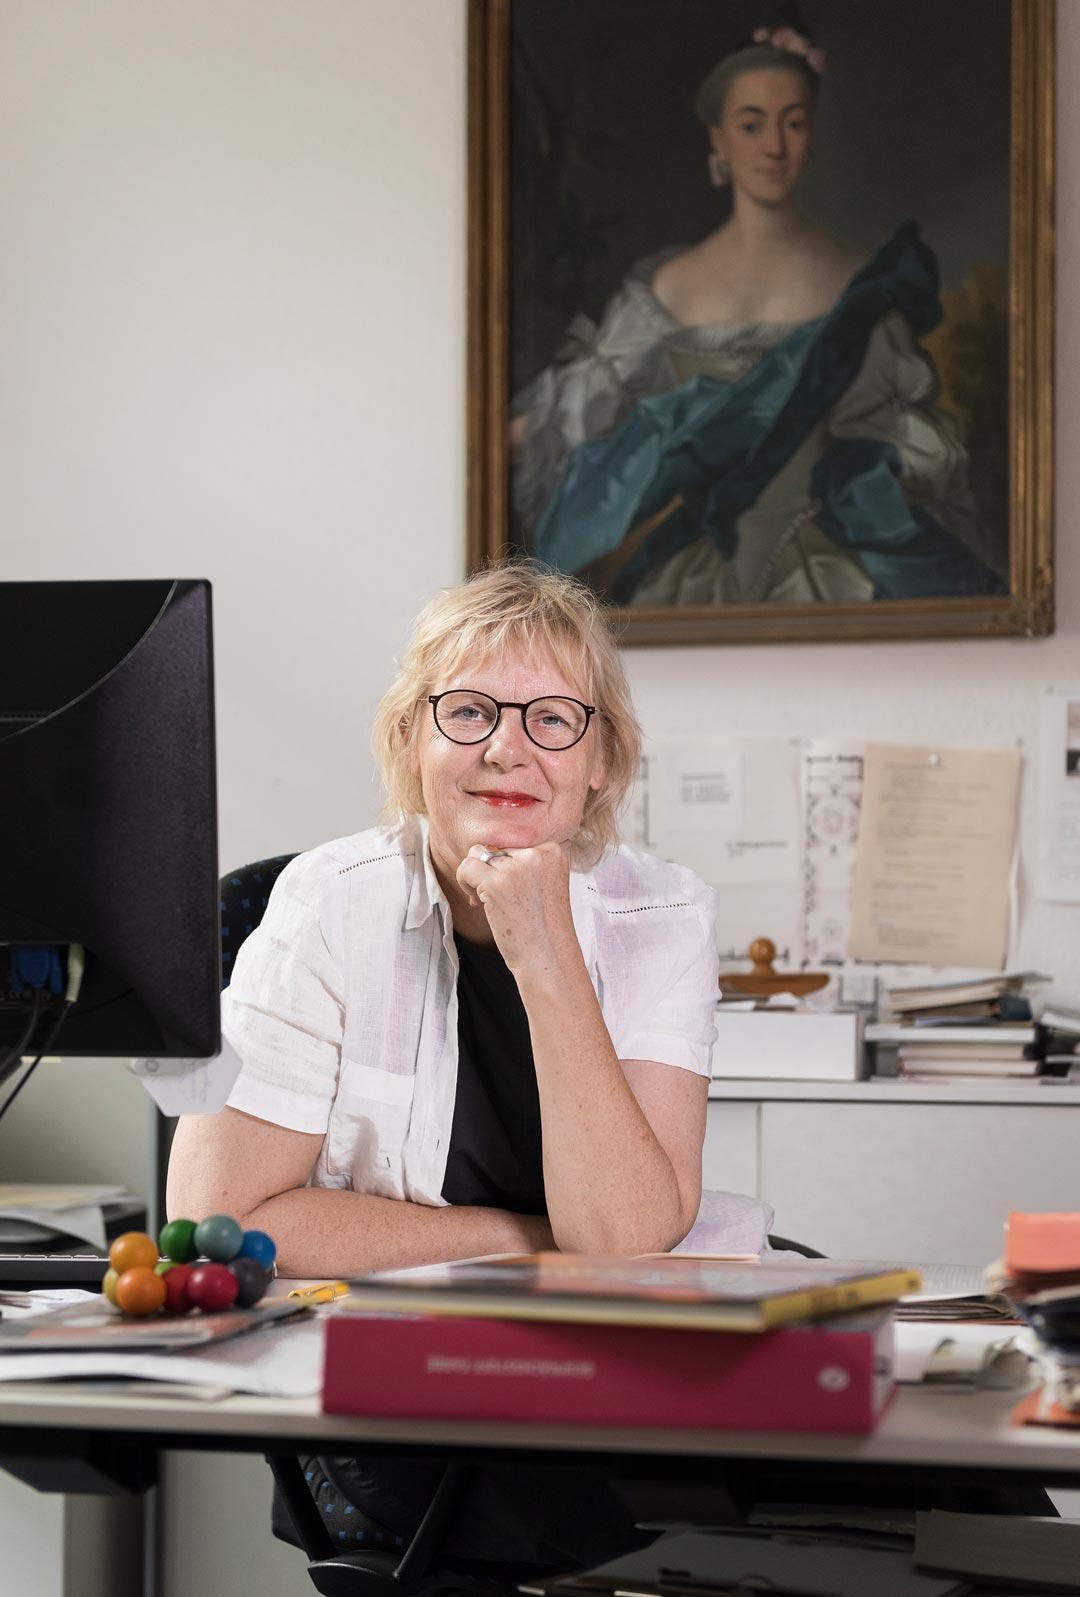 Zwei starke Frauen: Susann Kridlo vor dem Bildnis der Erzieherin und Botanikerin Catharina Helena Dörrien (Foto: Museum Wiesbaden/Bernd Fickert)